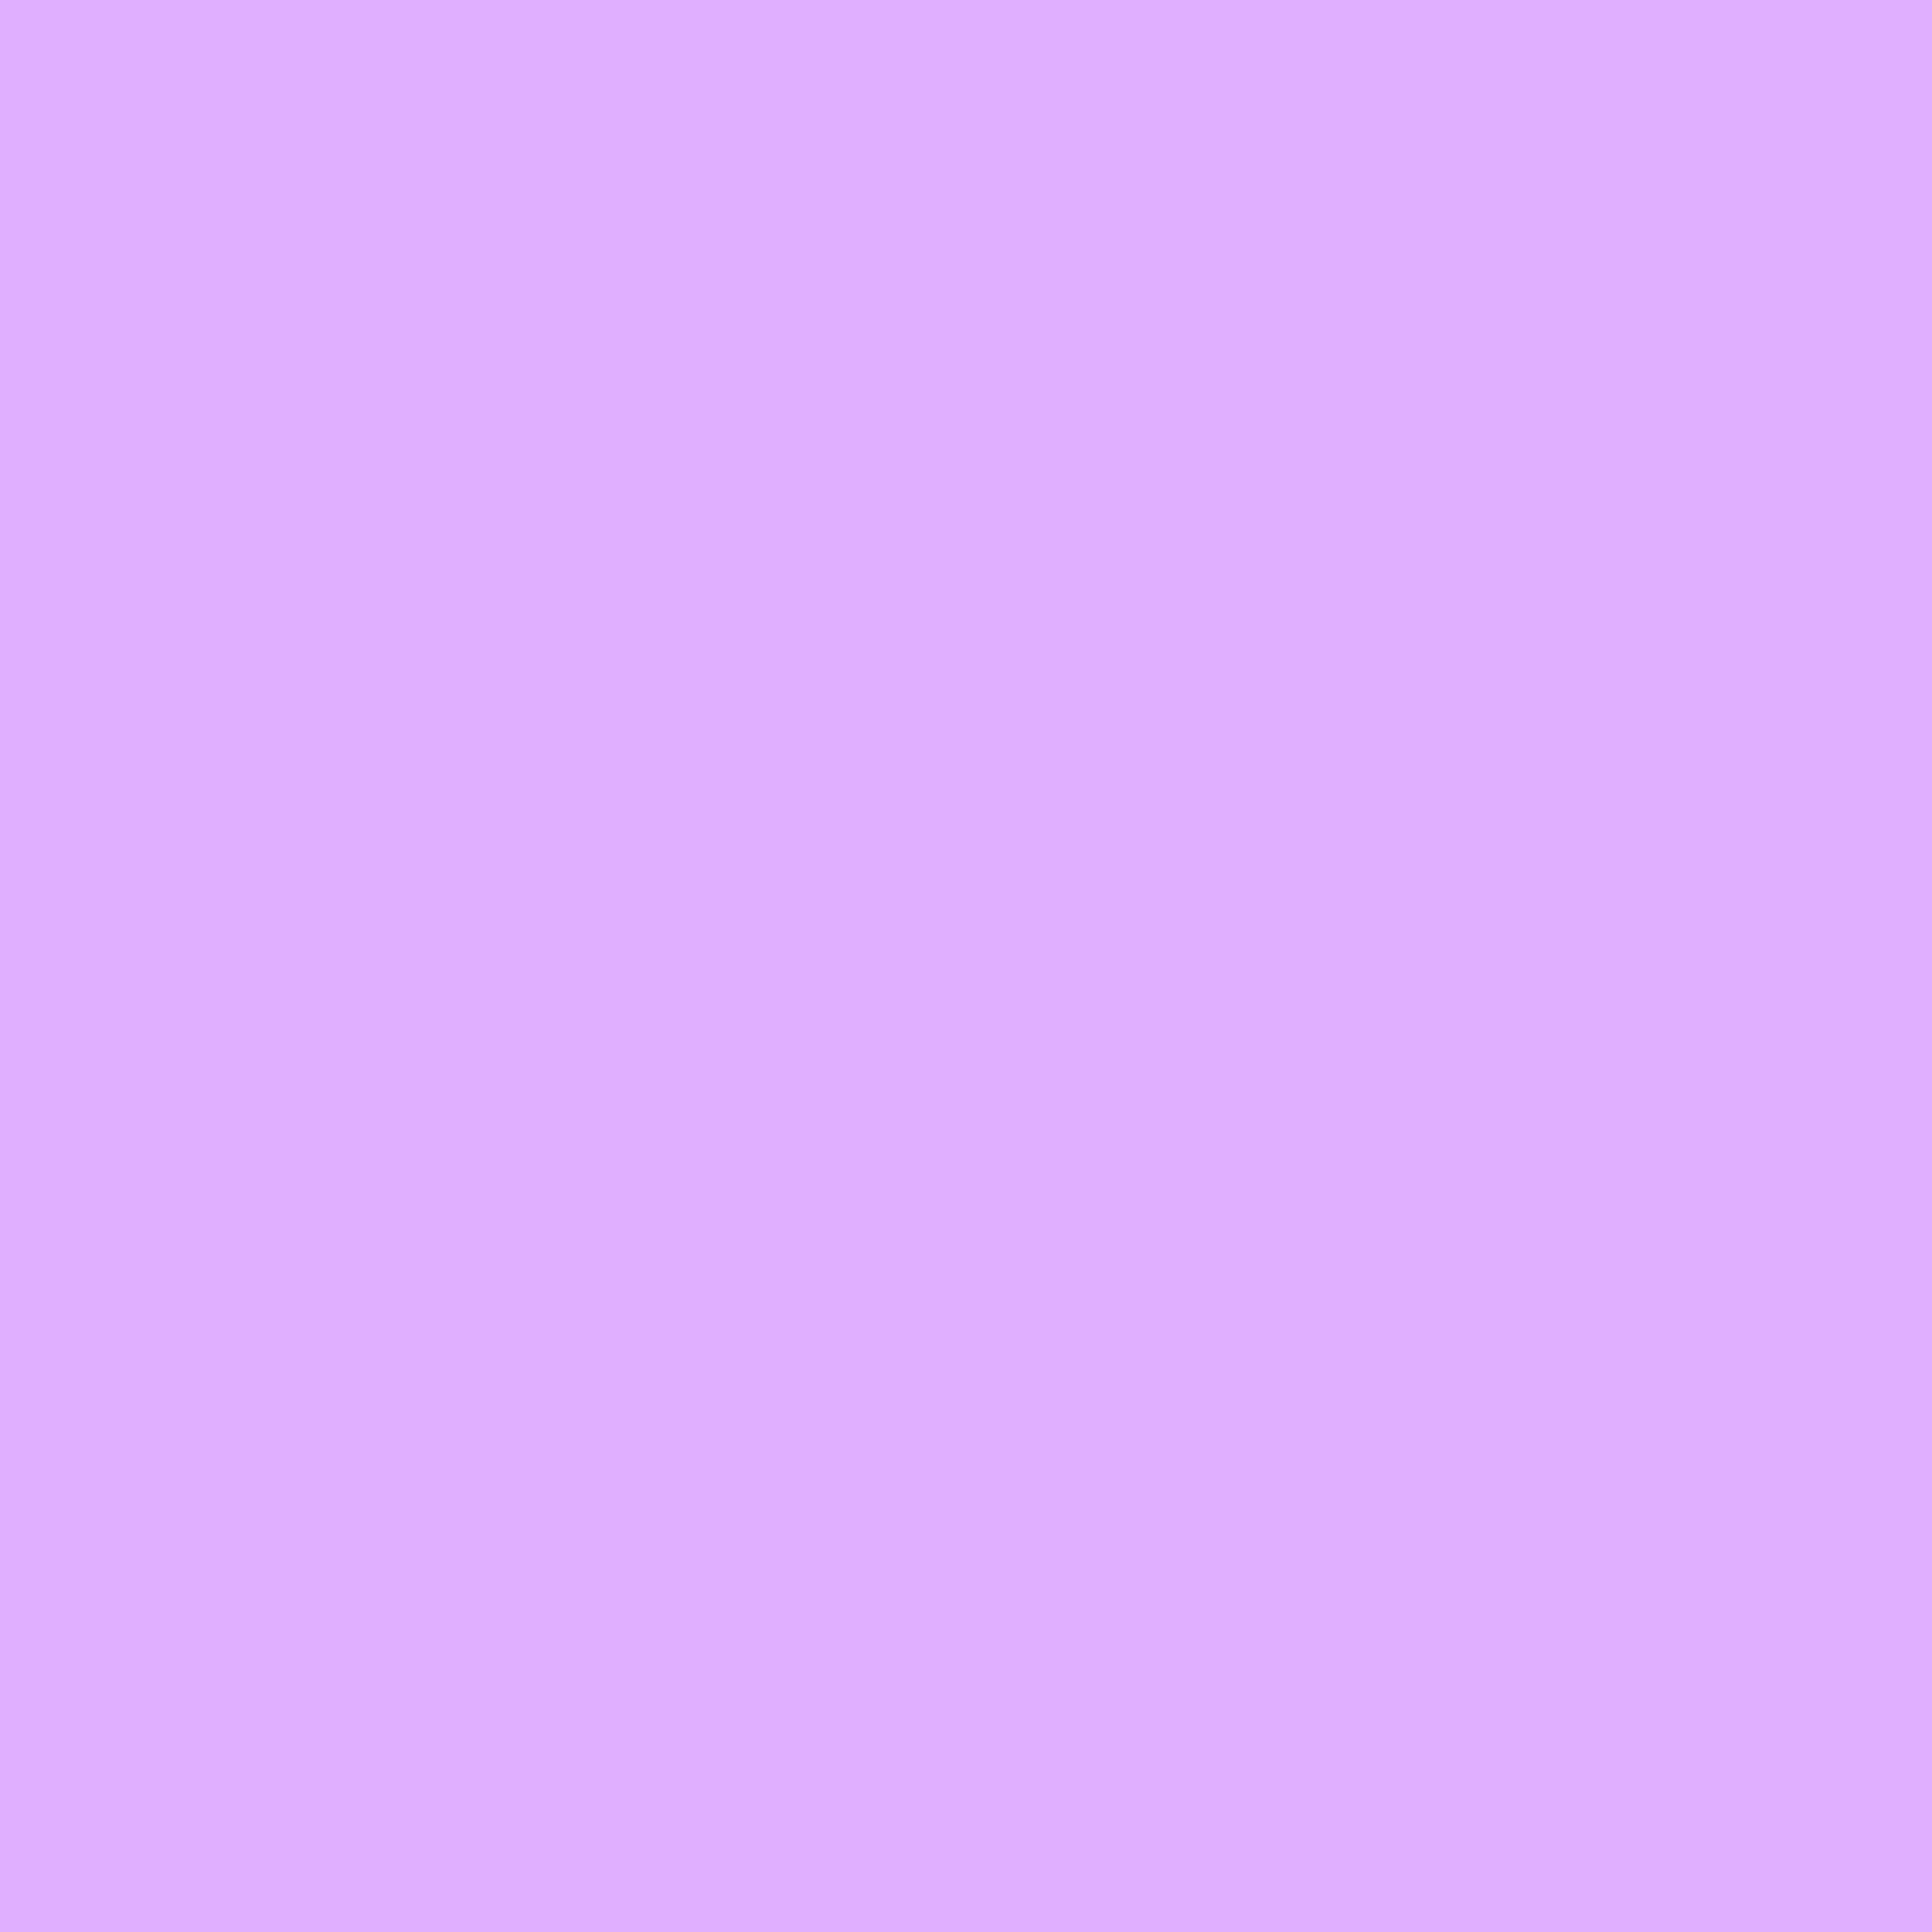 2048x2048 Mauve Solid Color Background